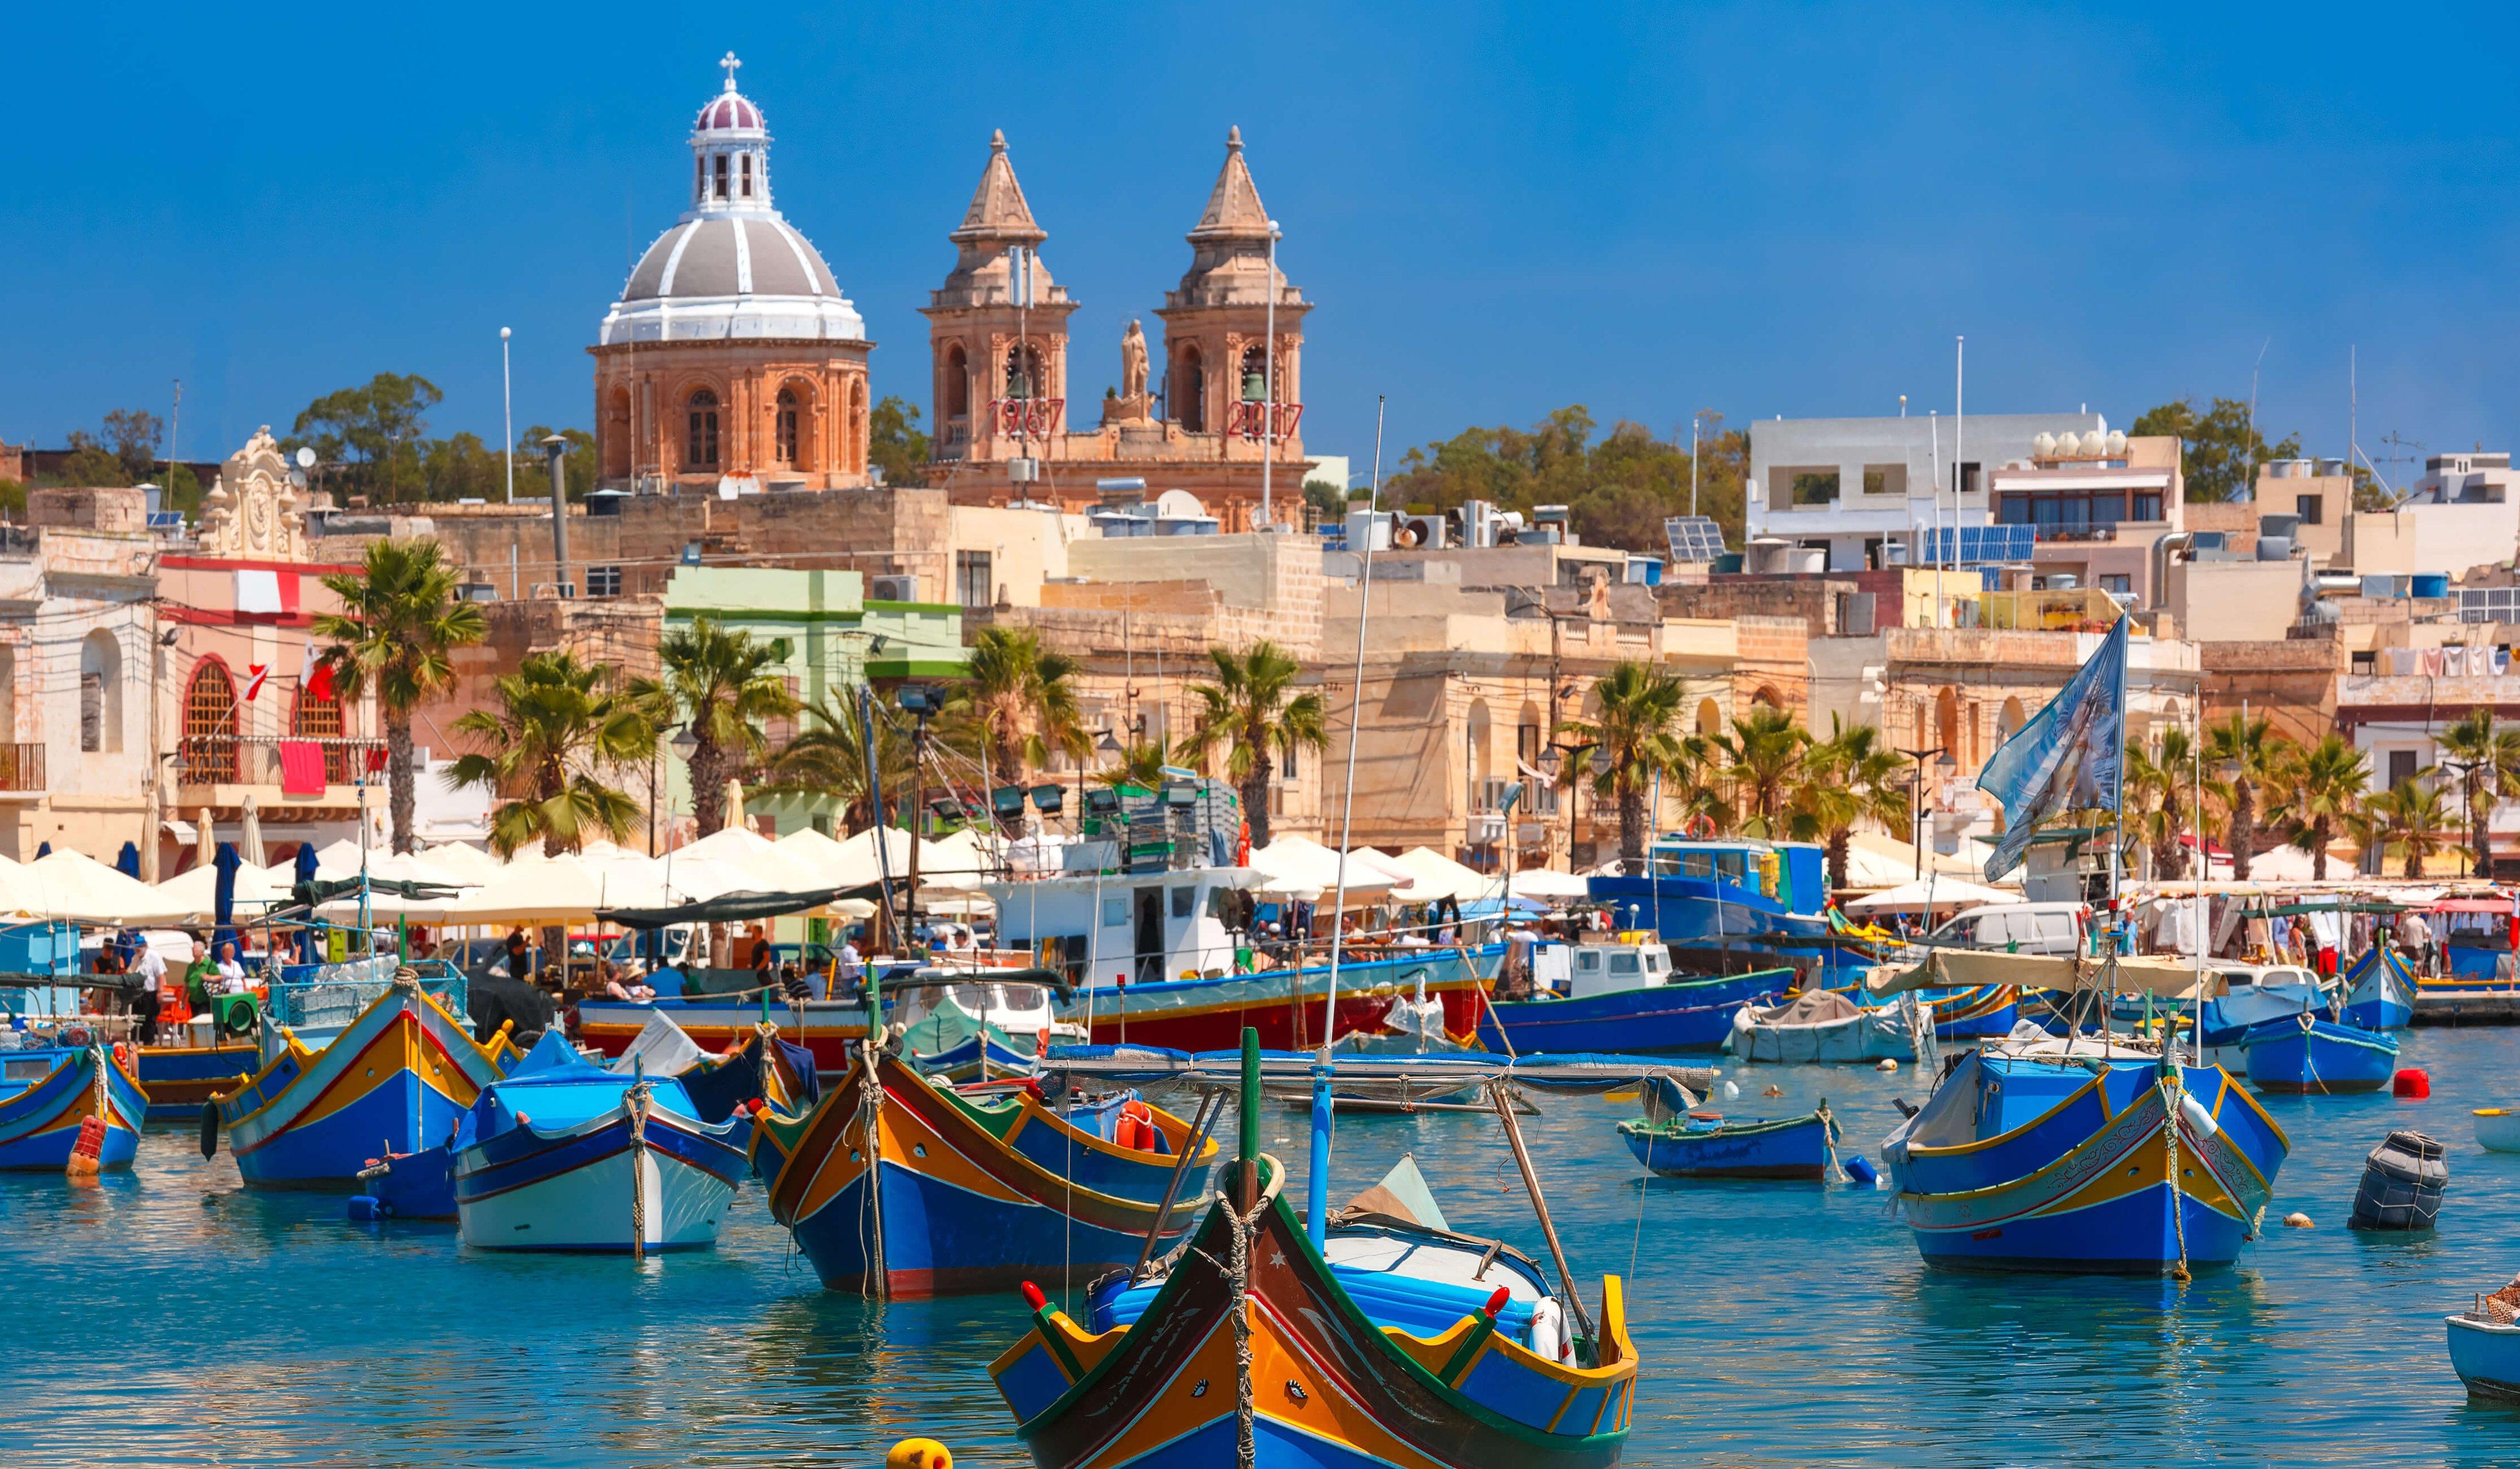 Nước Malta 10 điều thú vị bạn chưa biết - du lịch khám phá Malta